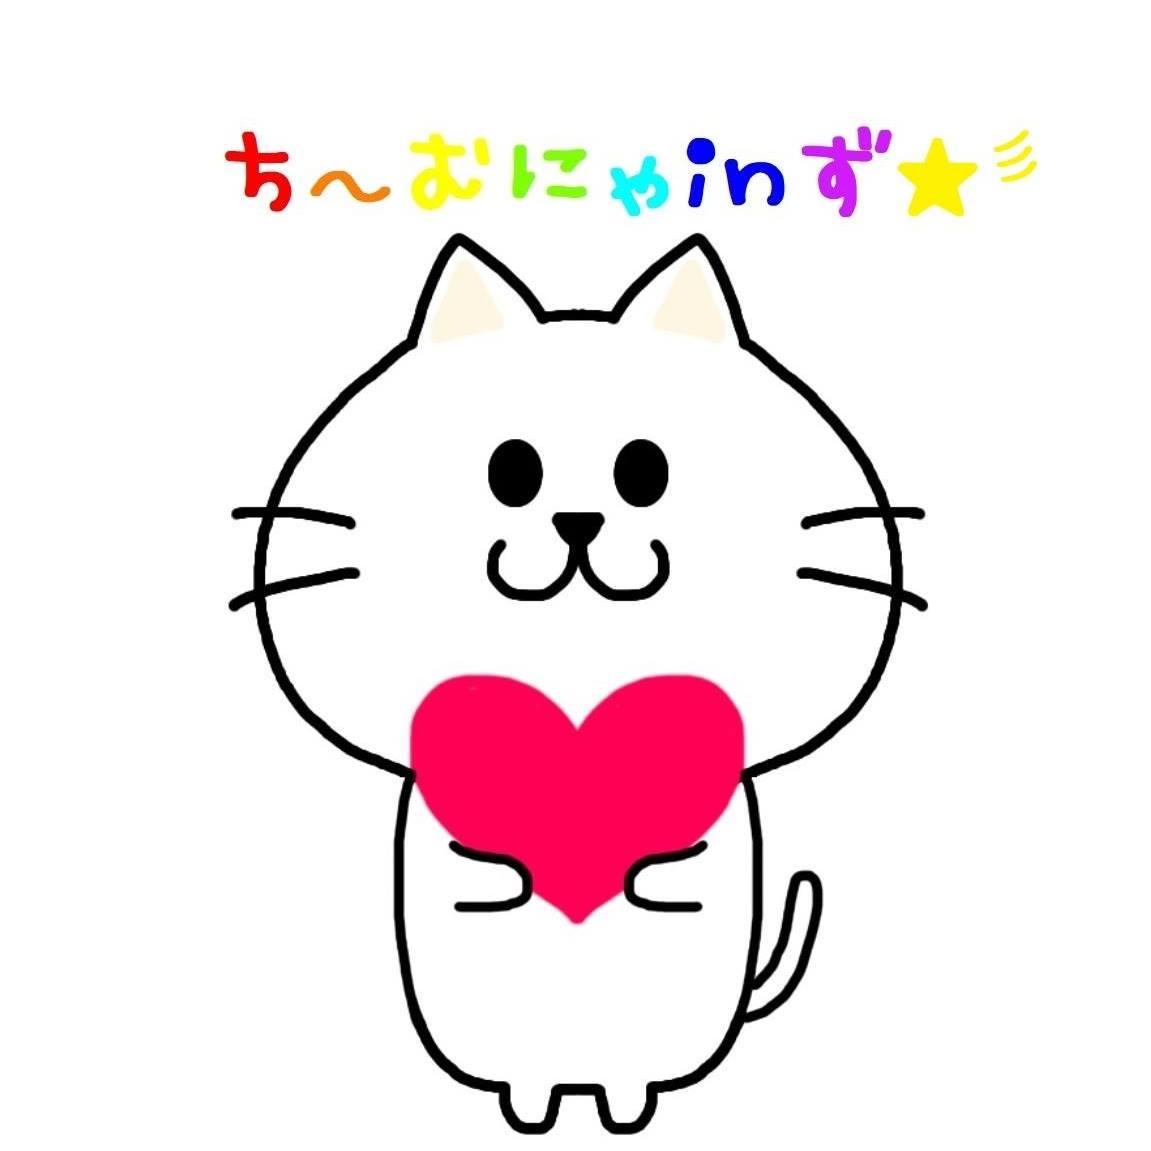 瀬戸・豊明 同時開催!猫の譲渡会~ちーむにゃいんず2021年9月18日(土)